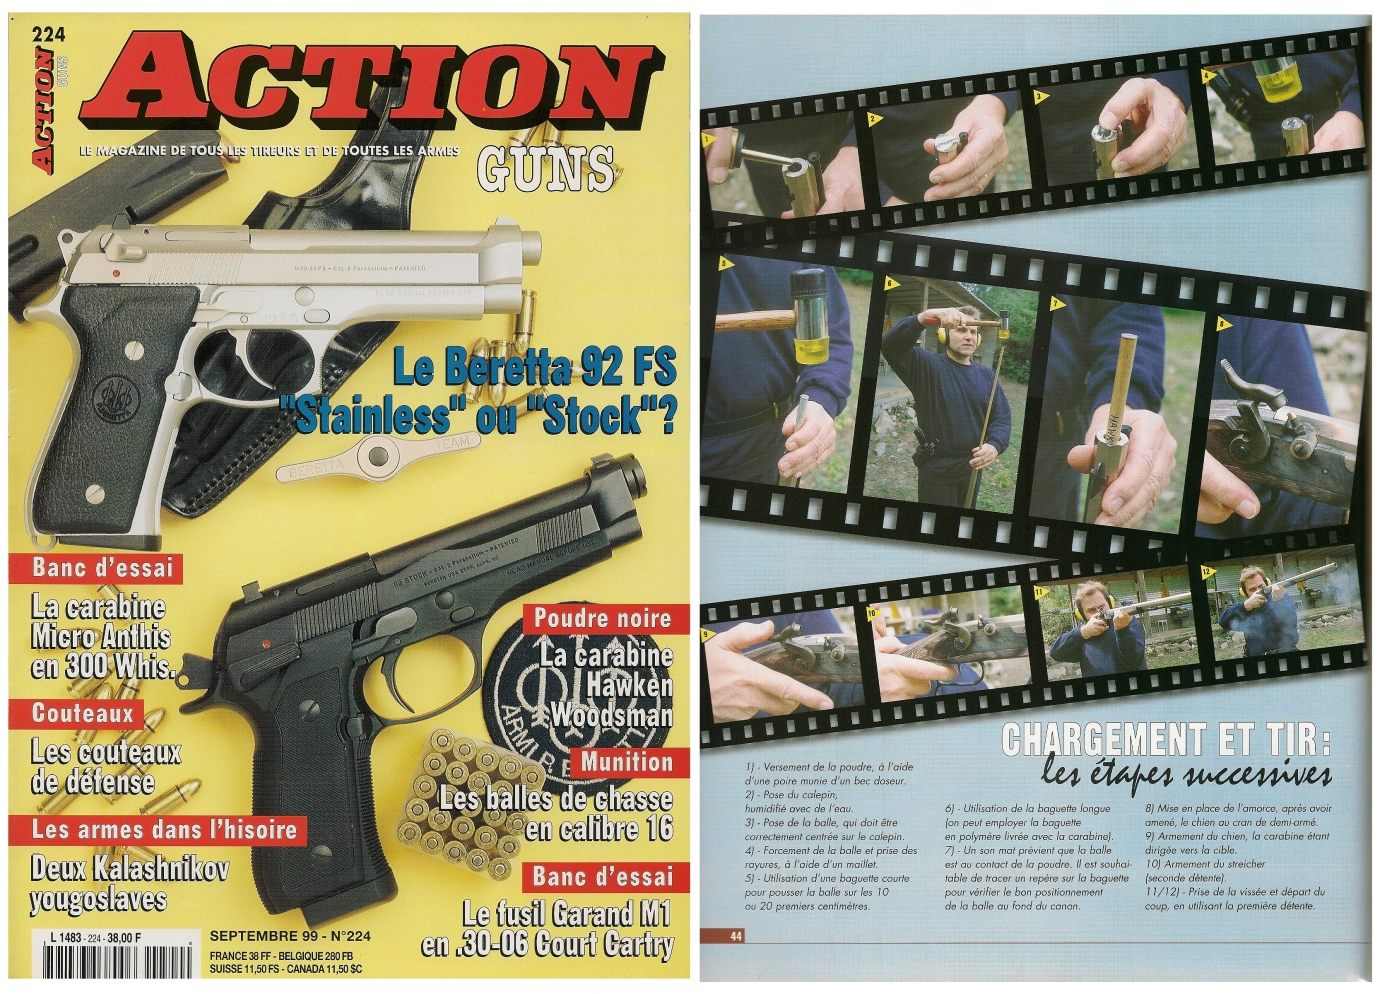 Le banc d'essai de la carabine Hawken Woodsman a été publié sur 5 pages dans le magazine Action Guns n° 224 (septembre 1999).